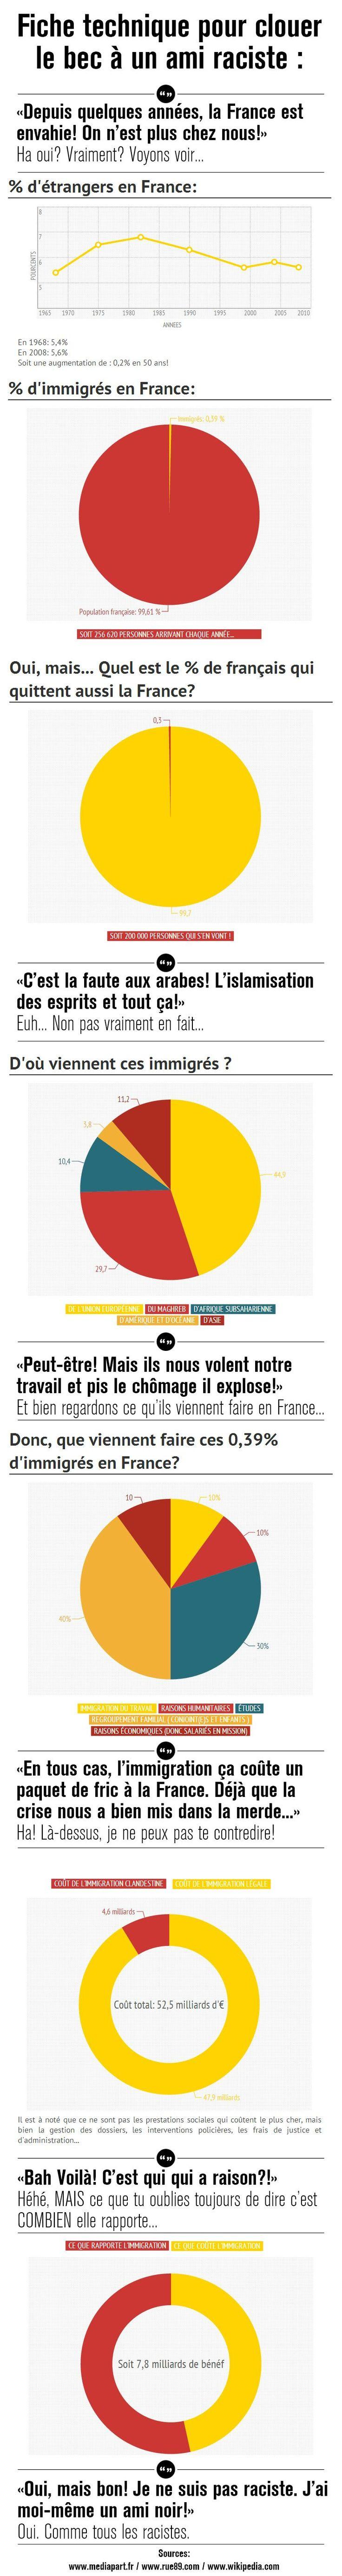 Infographie : Arguments contre les racistes